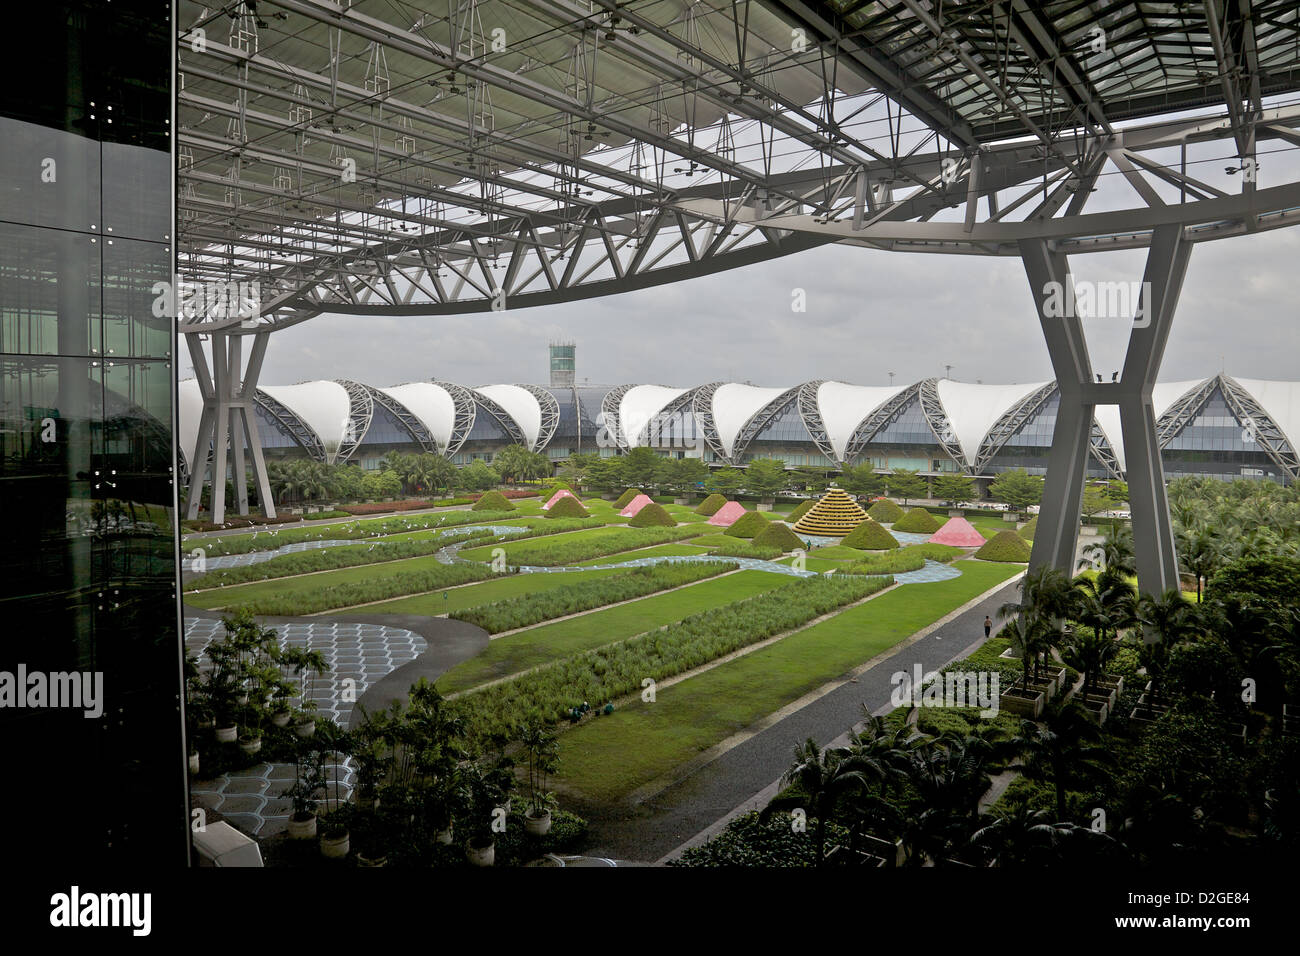 Suvarnabhumi, Bangkok's international airport, Thailand - Stock Image